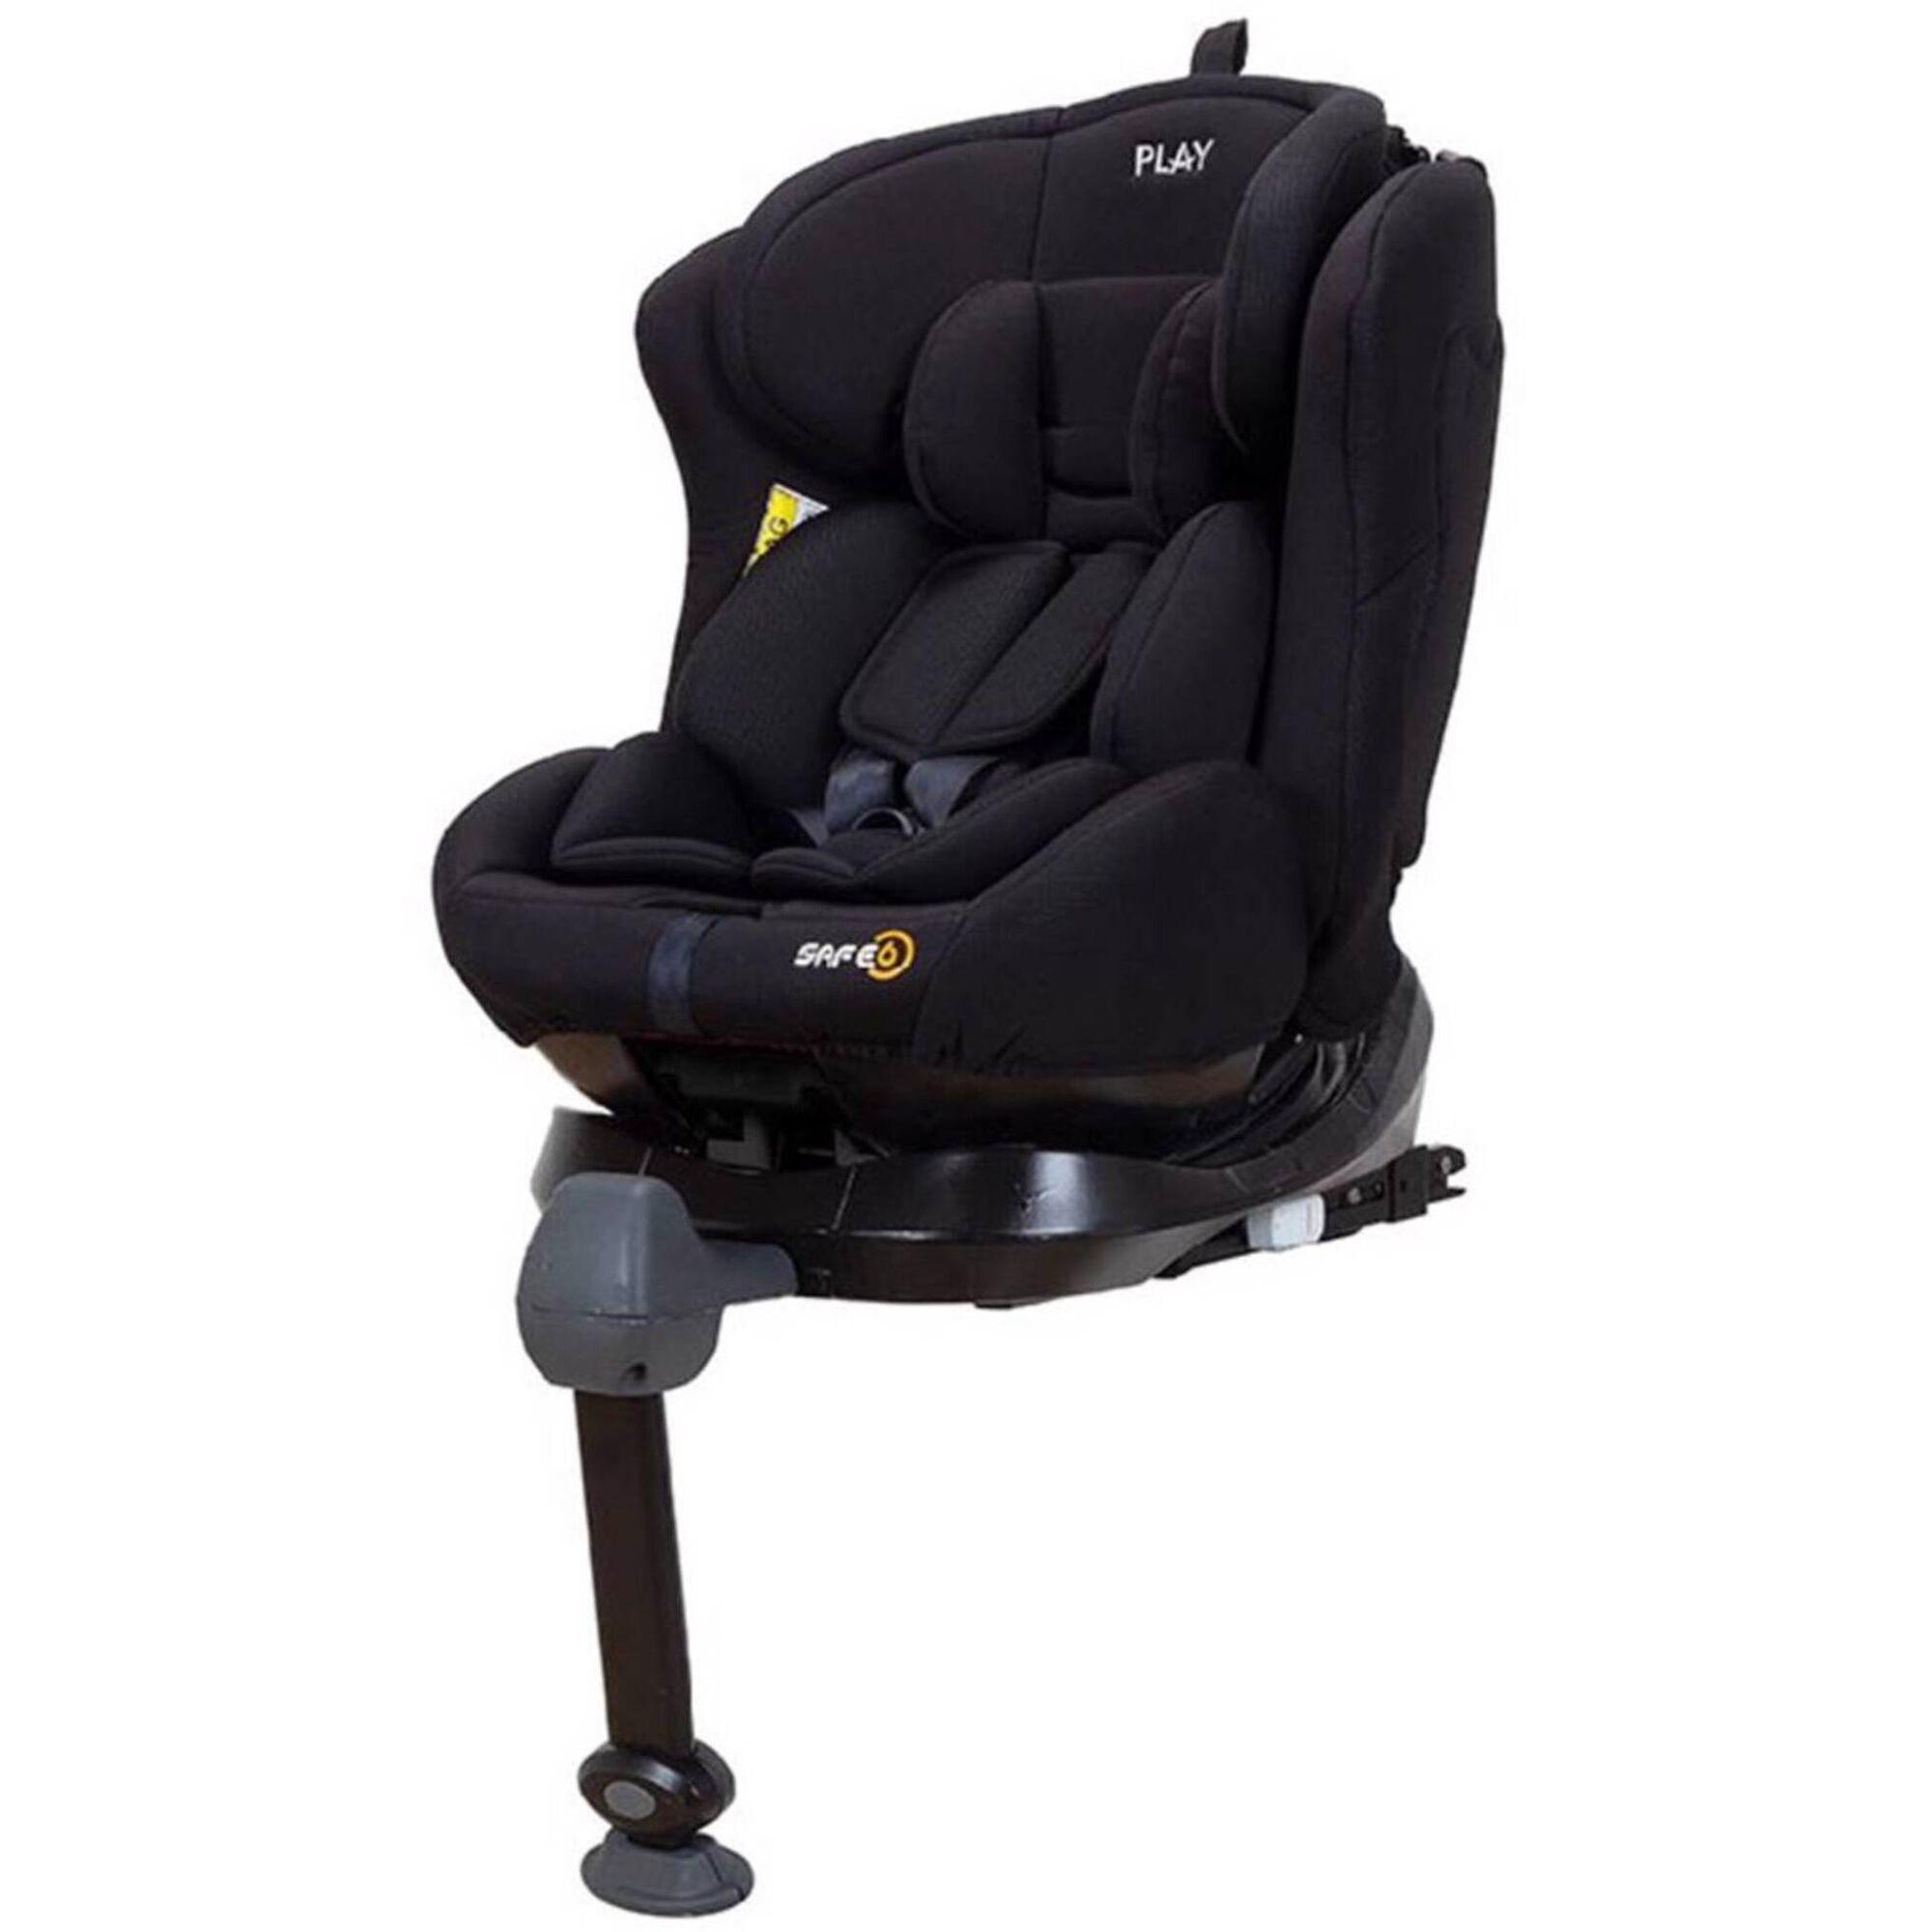 Cadeira Auto Grupo 0+/1/2/3 Isofix Rotativa 360° Preta Safe6